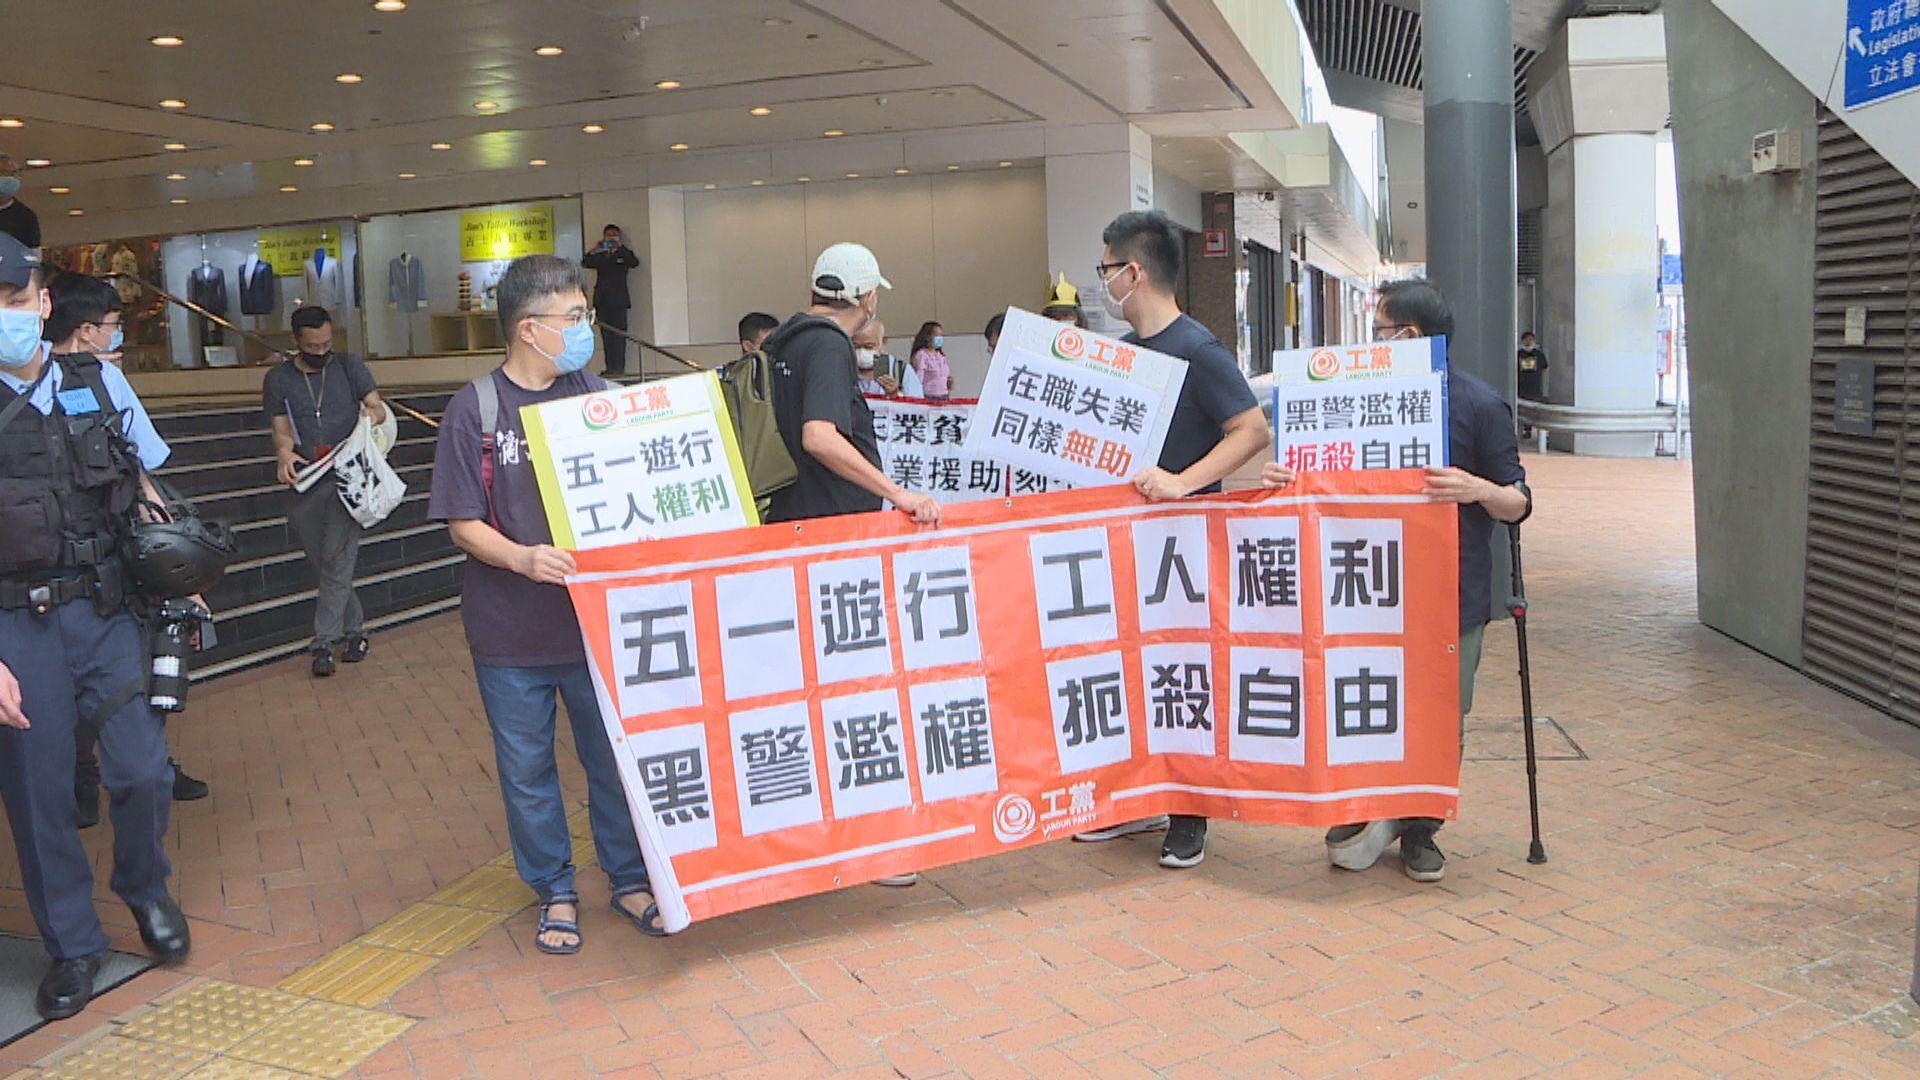 梁國雄等八人請願被控違限聚令 警員作供指口號一致屬同一遊行